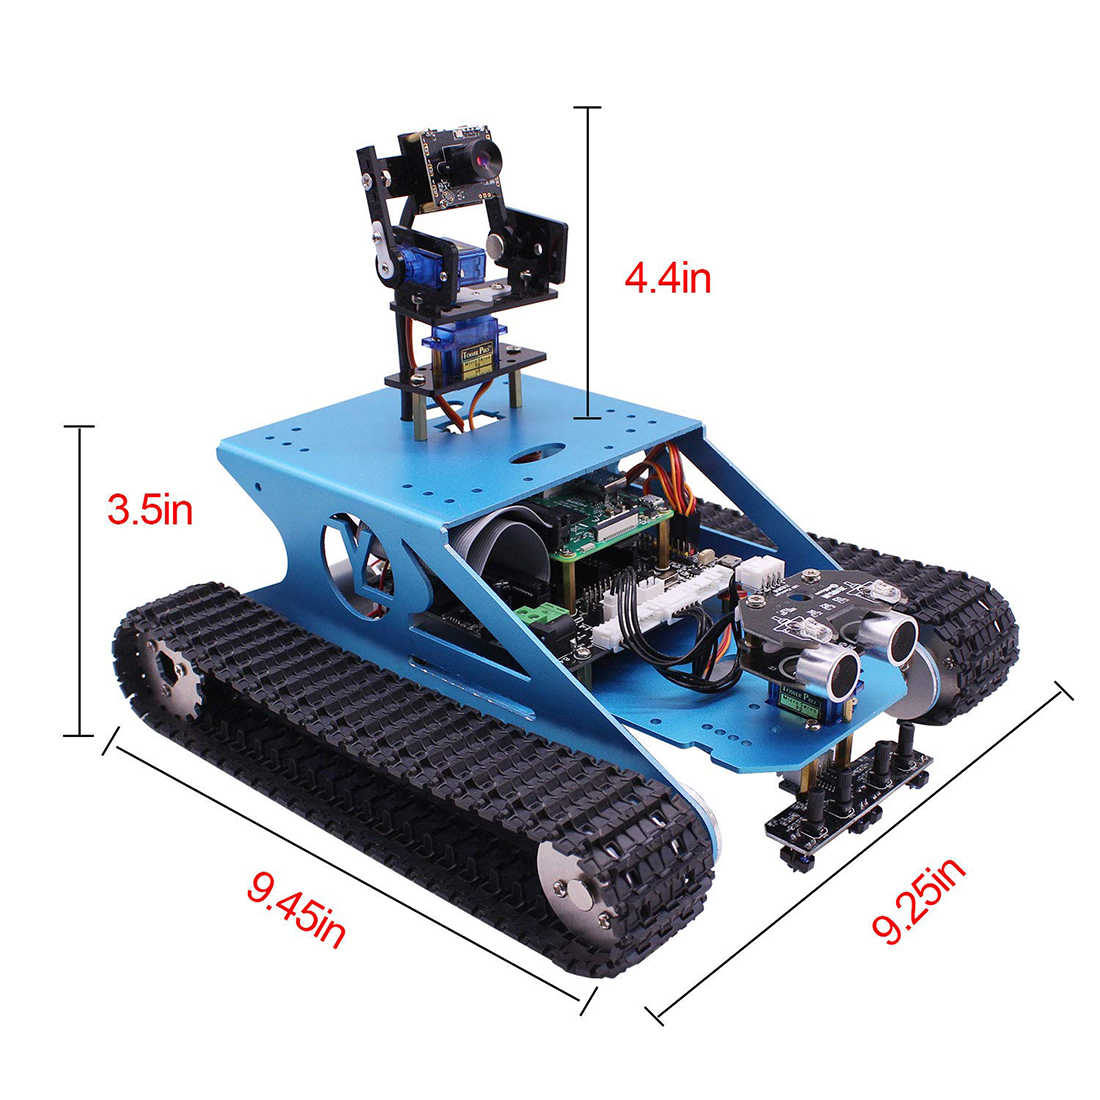 Гусеничный Танк умный Роботизированный комплект Bluetooth видео Программирование электронная игрушка DIY самобалансирующийся автомобиль робот комплект с Raspberry 4B (4G)